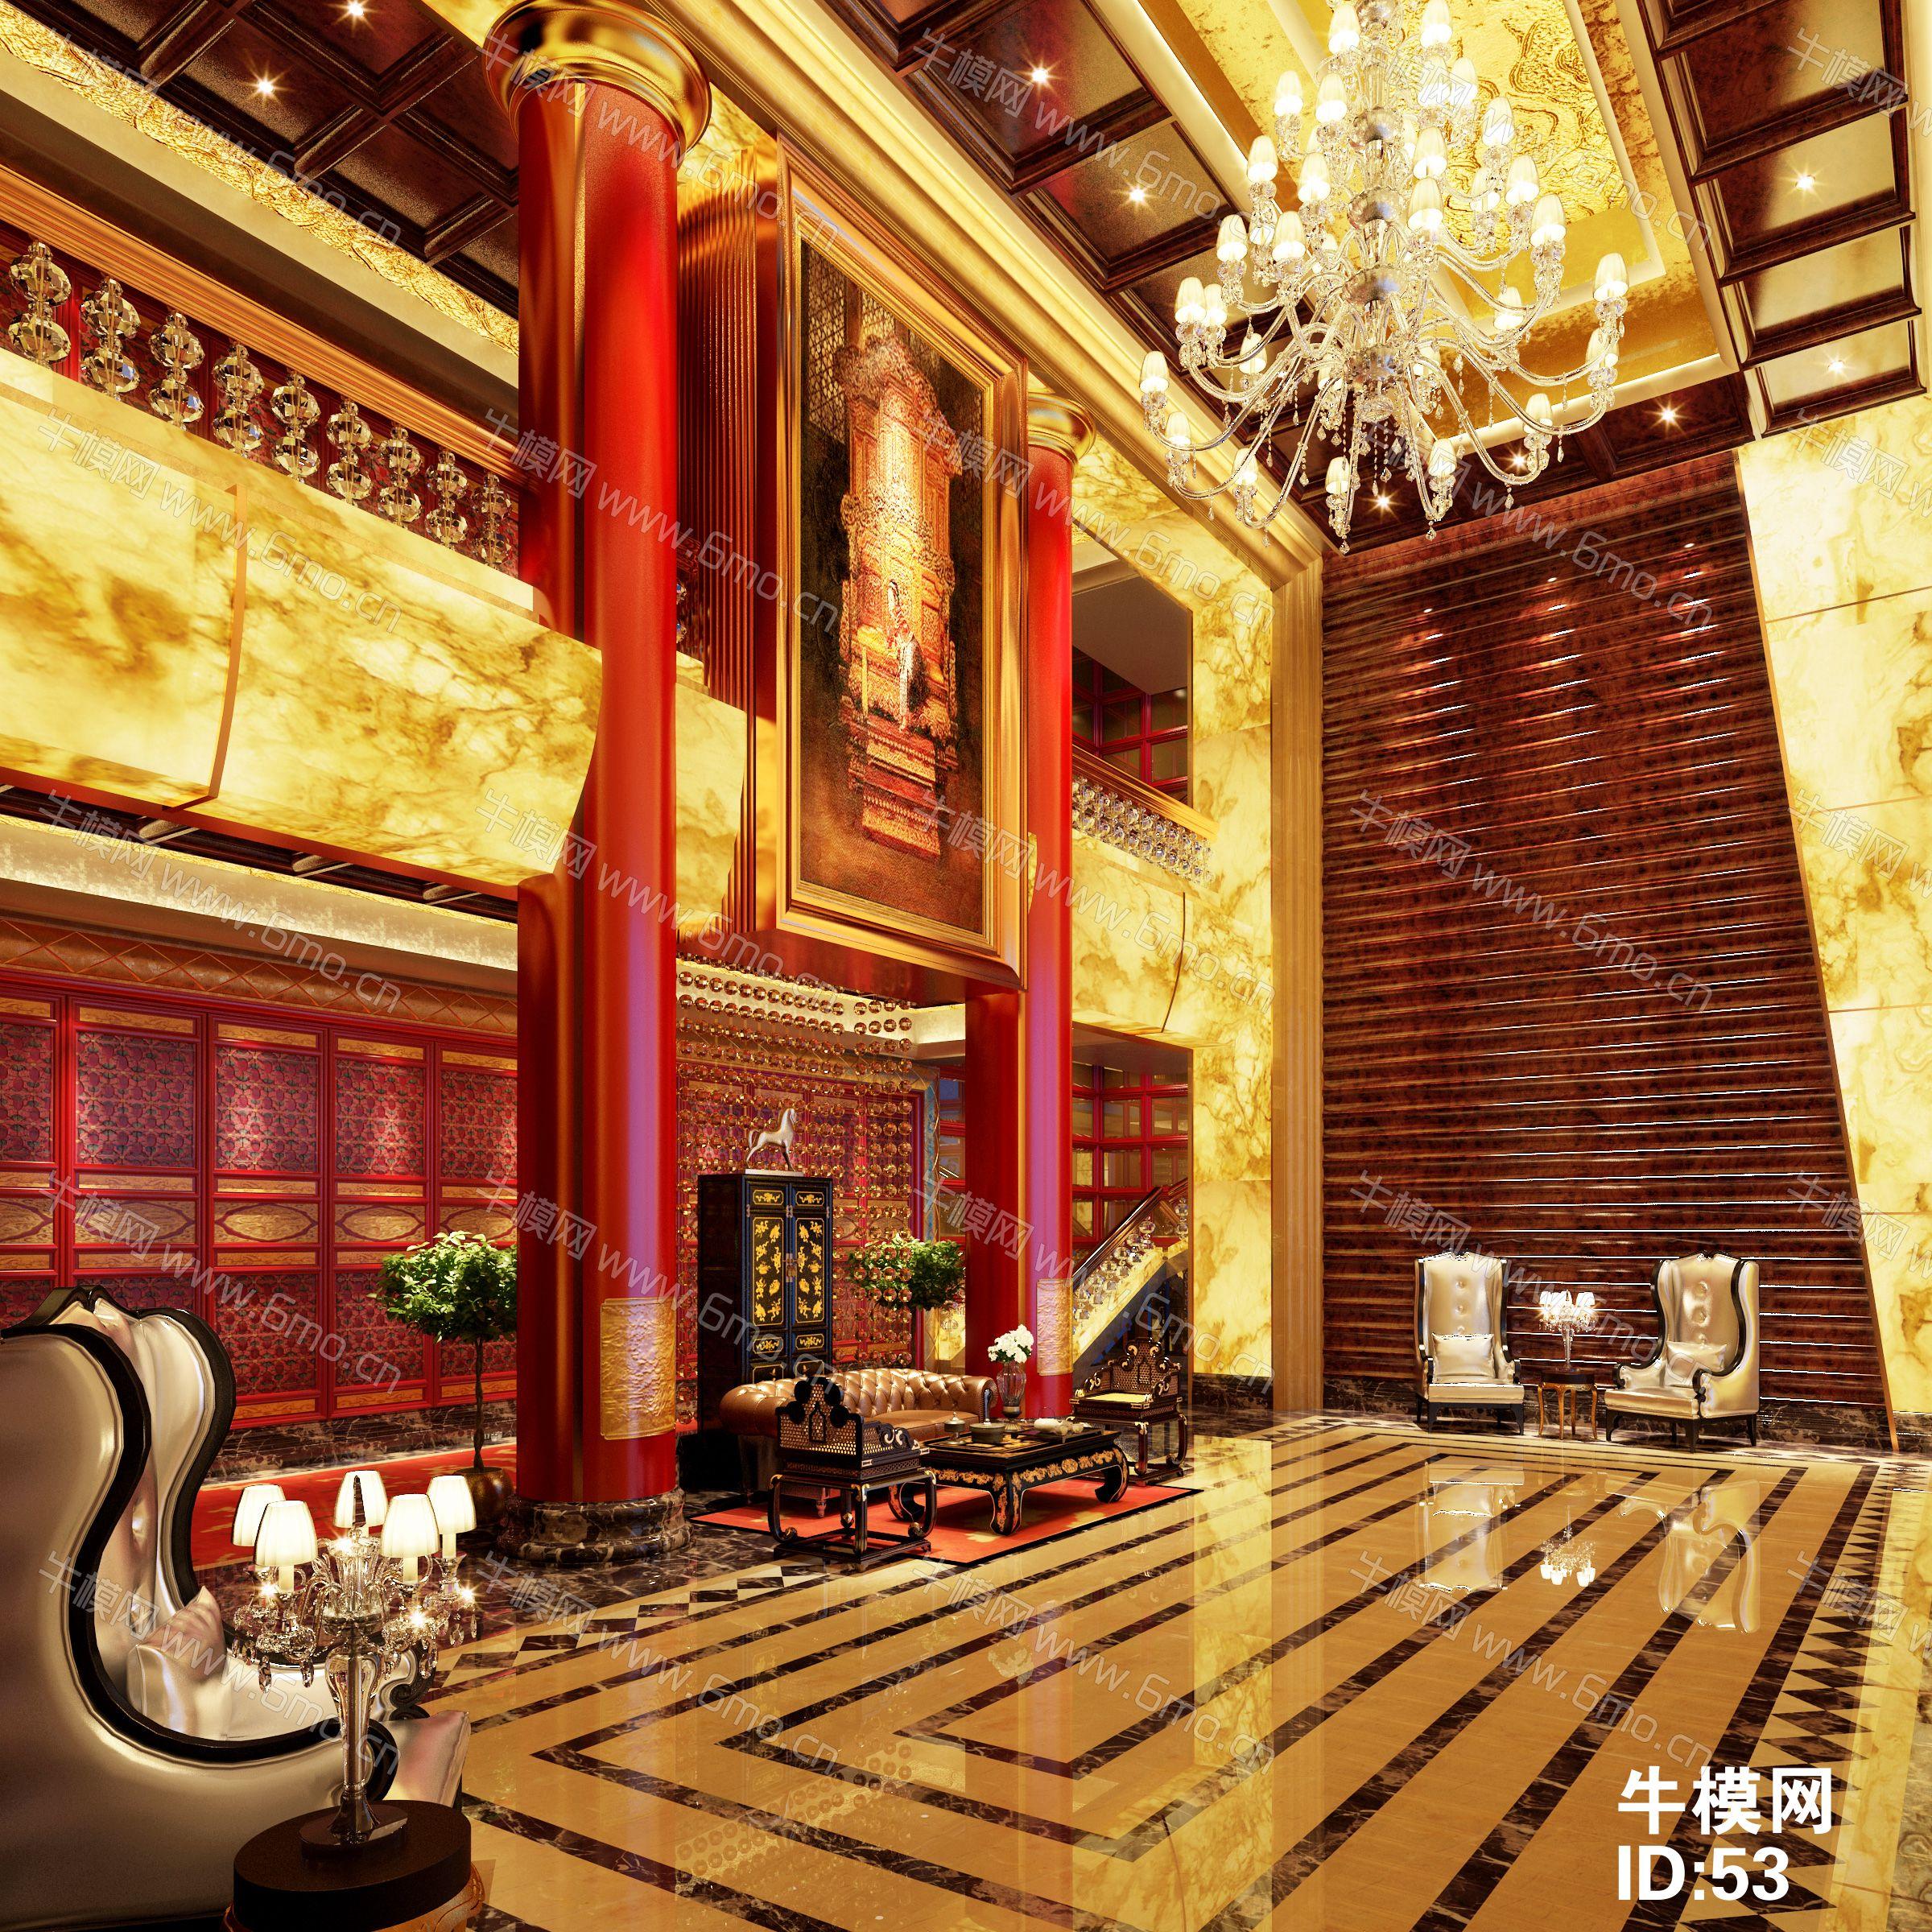 古典中式酒店大厅下载